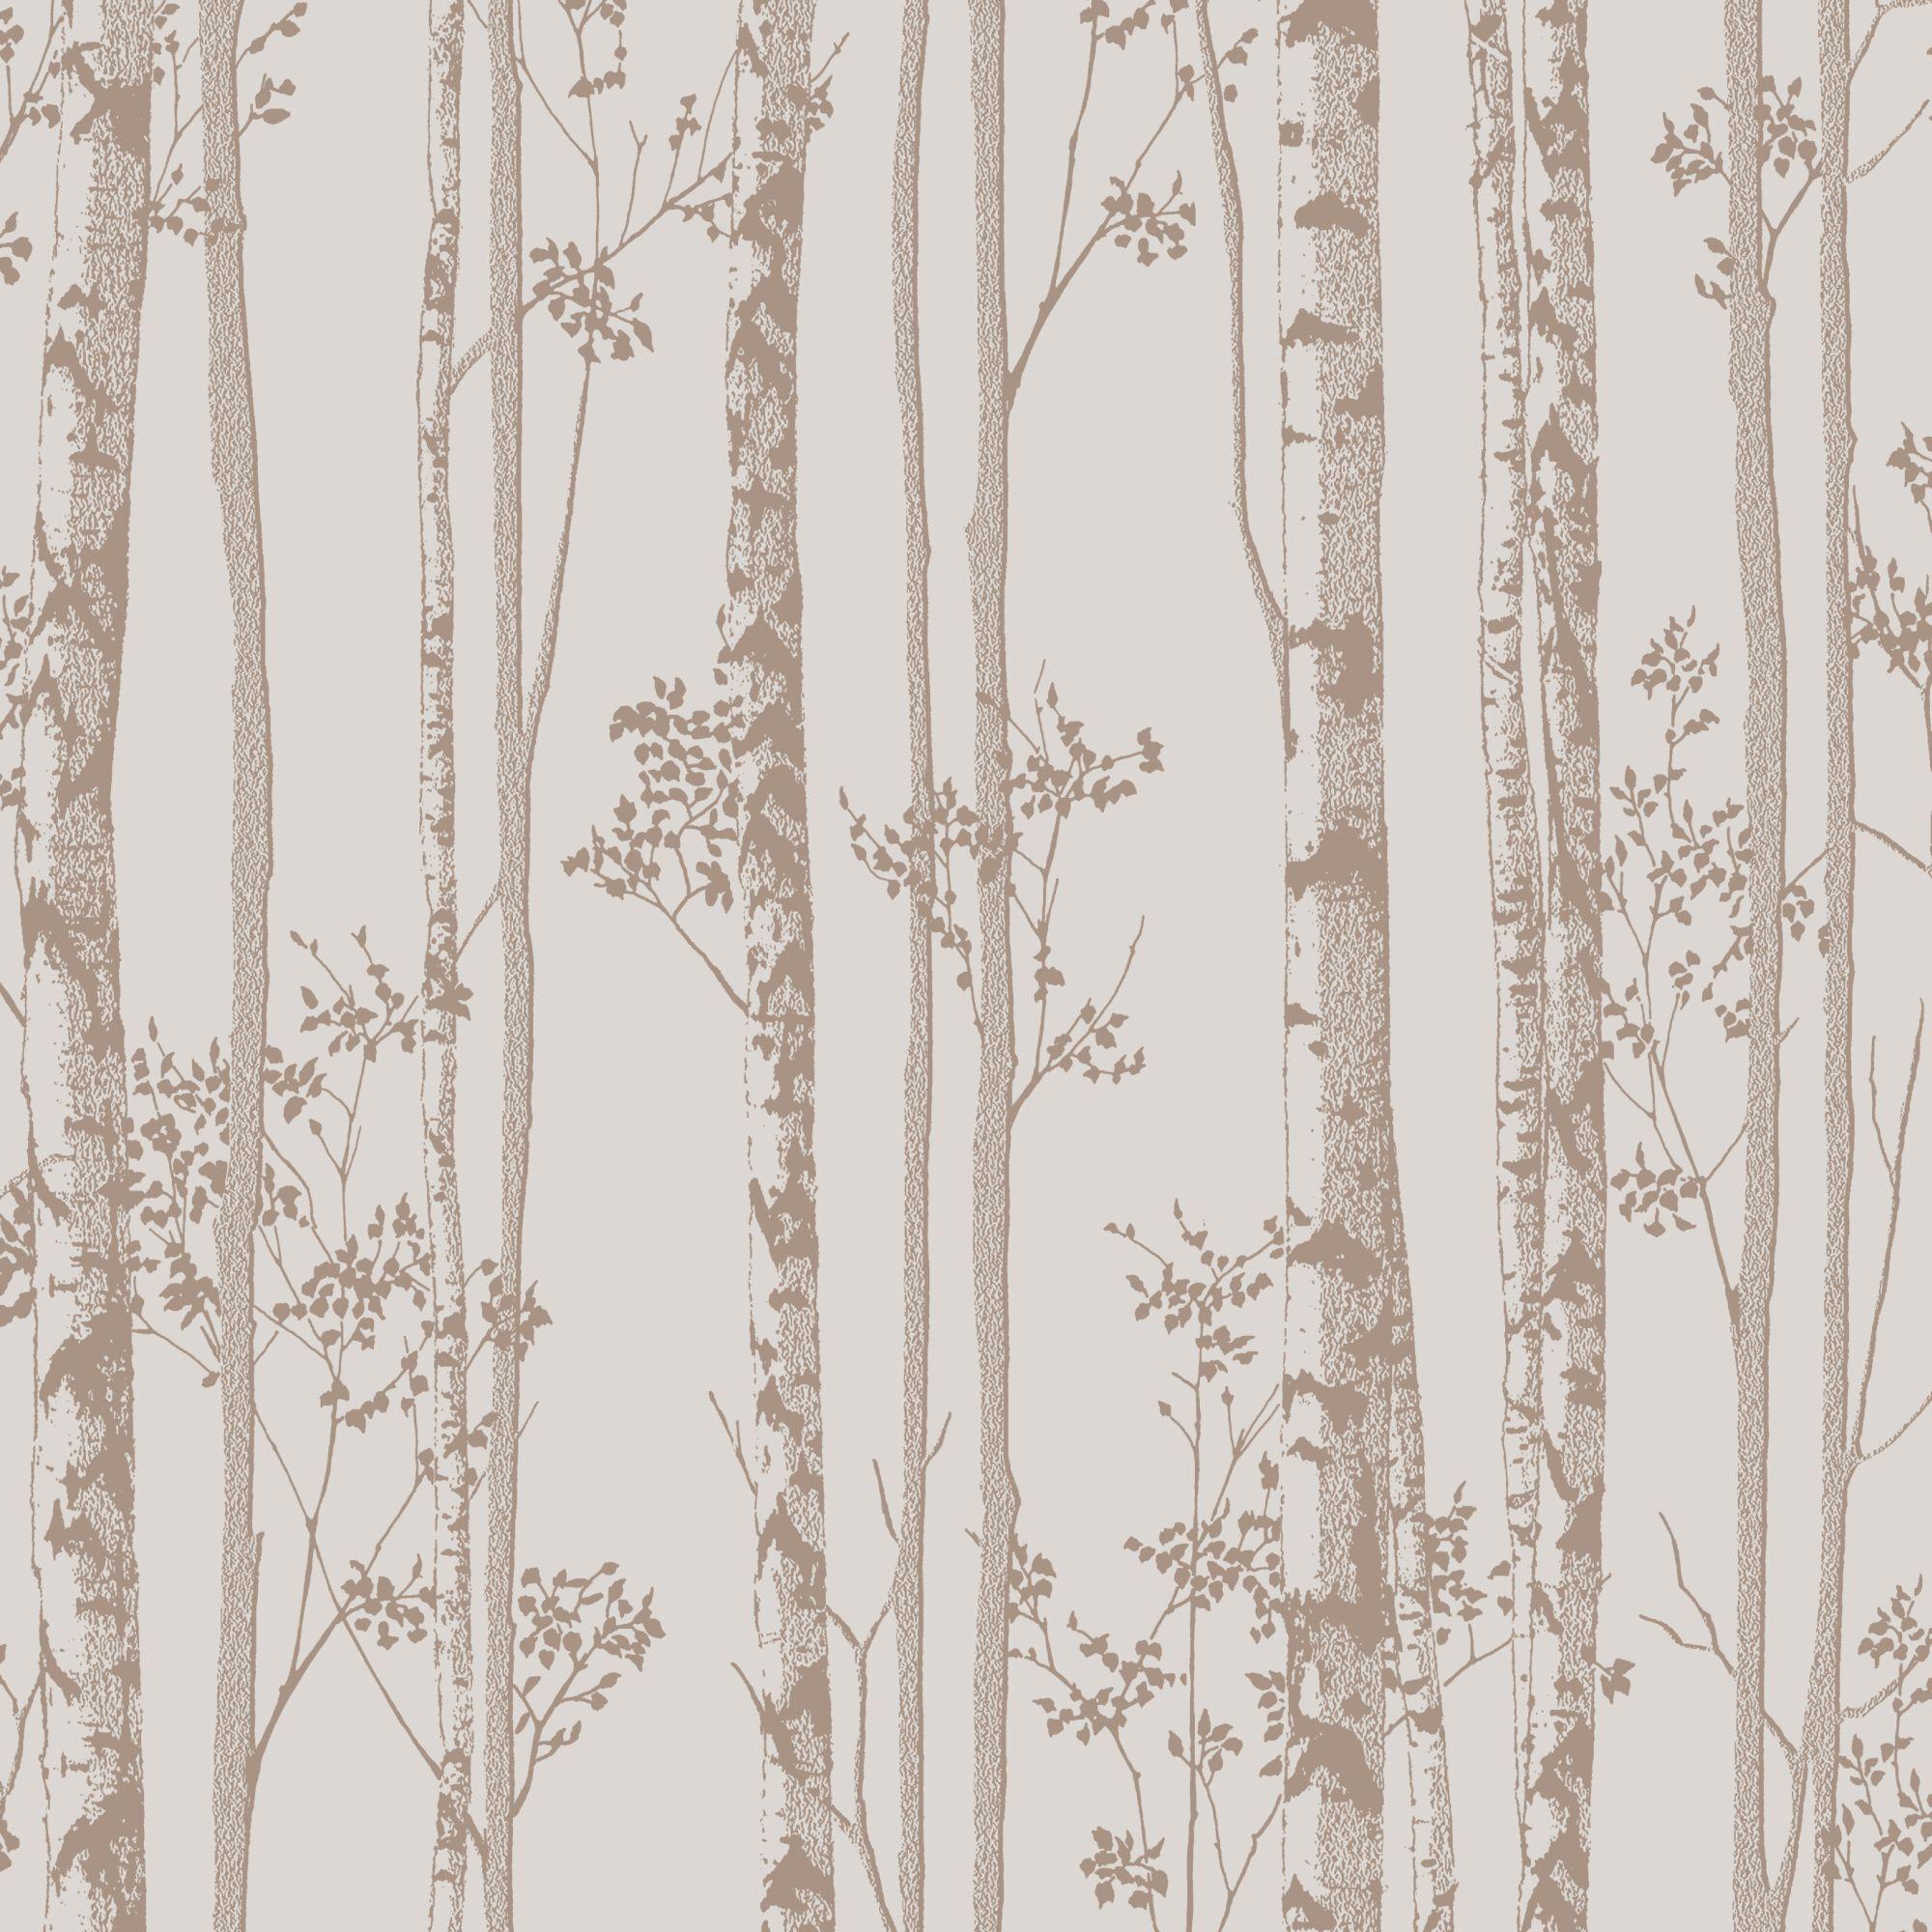 Home depot wallpaper samples for Wallpaper samples